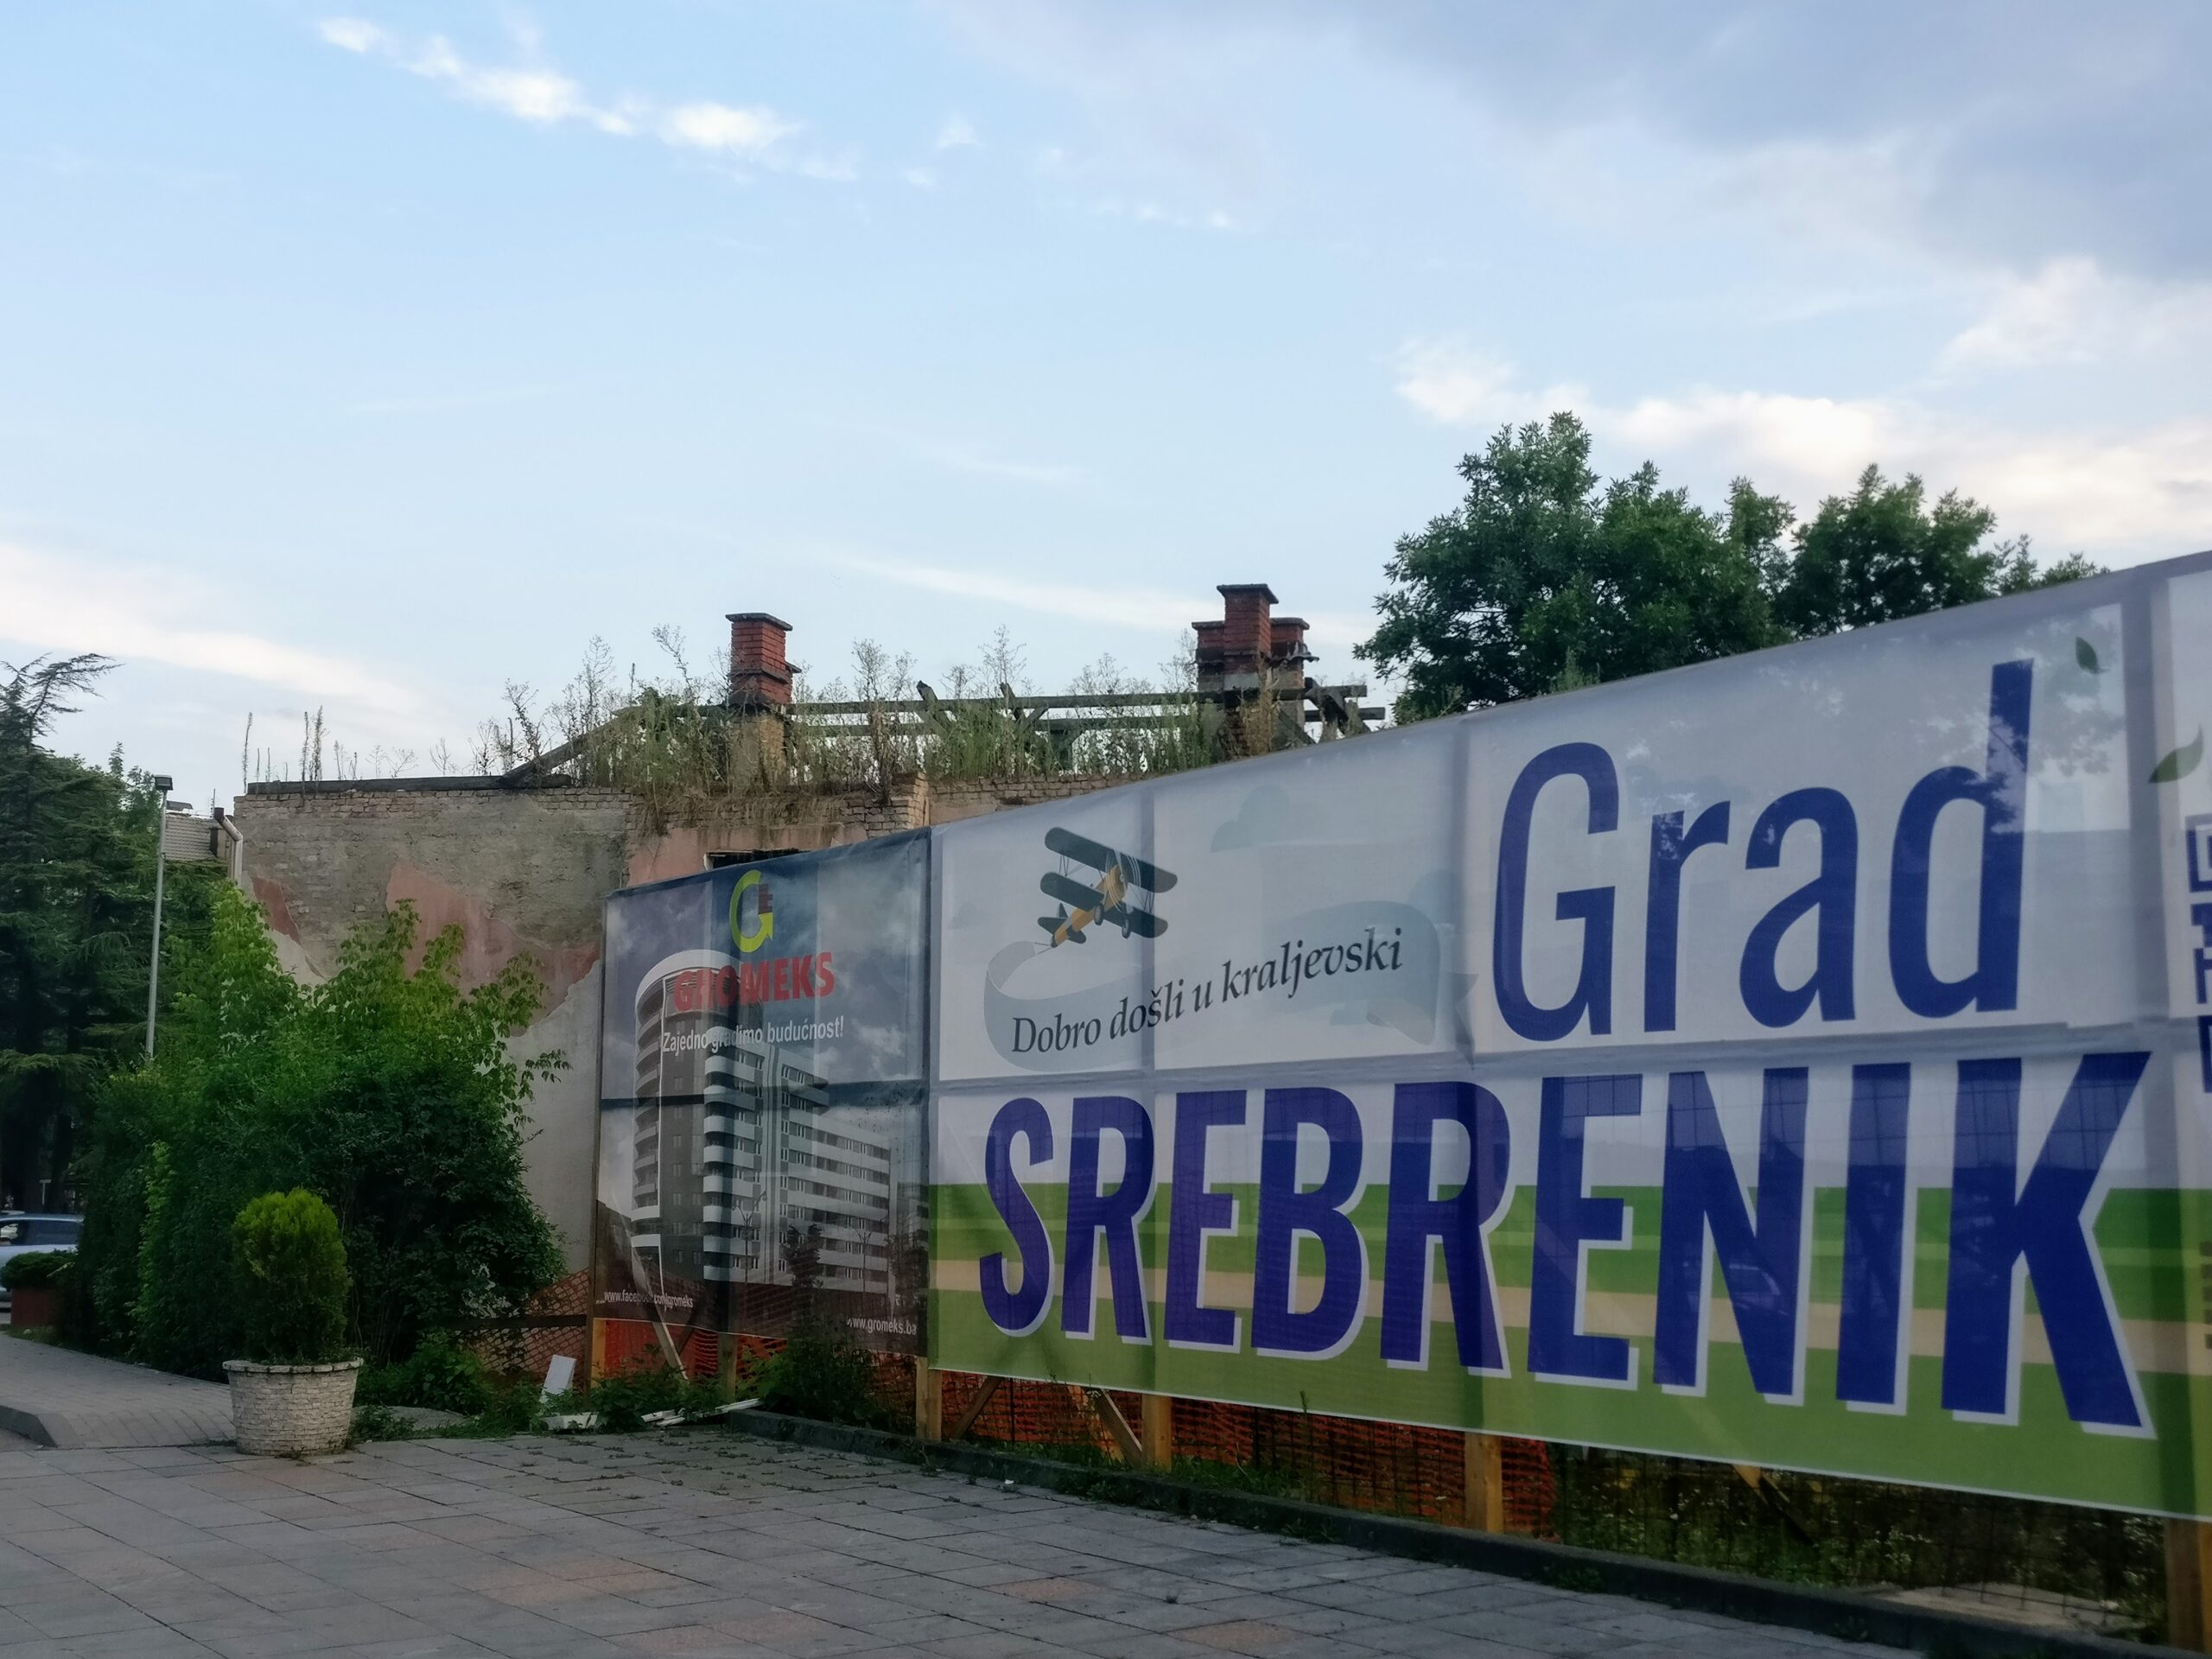 Kraljevski Grad Srebrenik ?